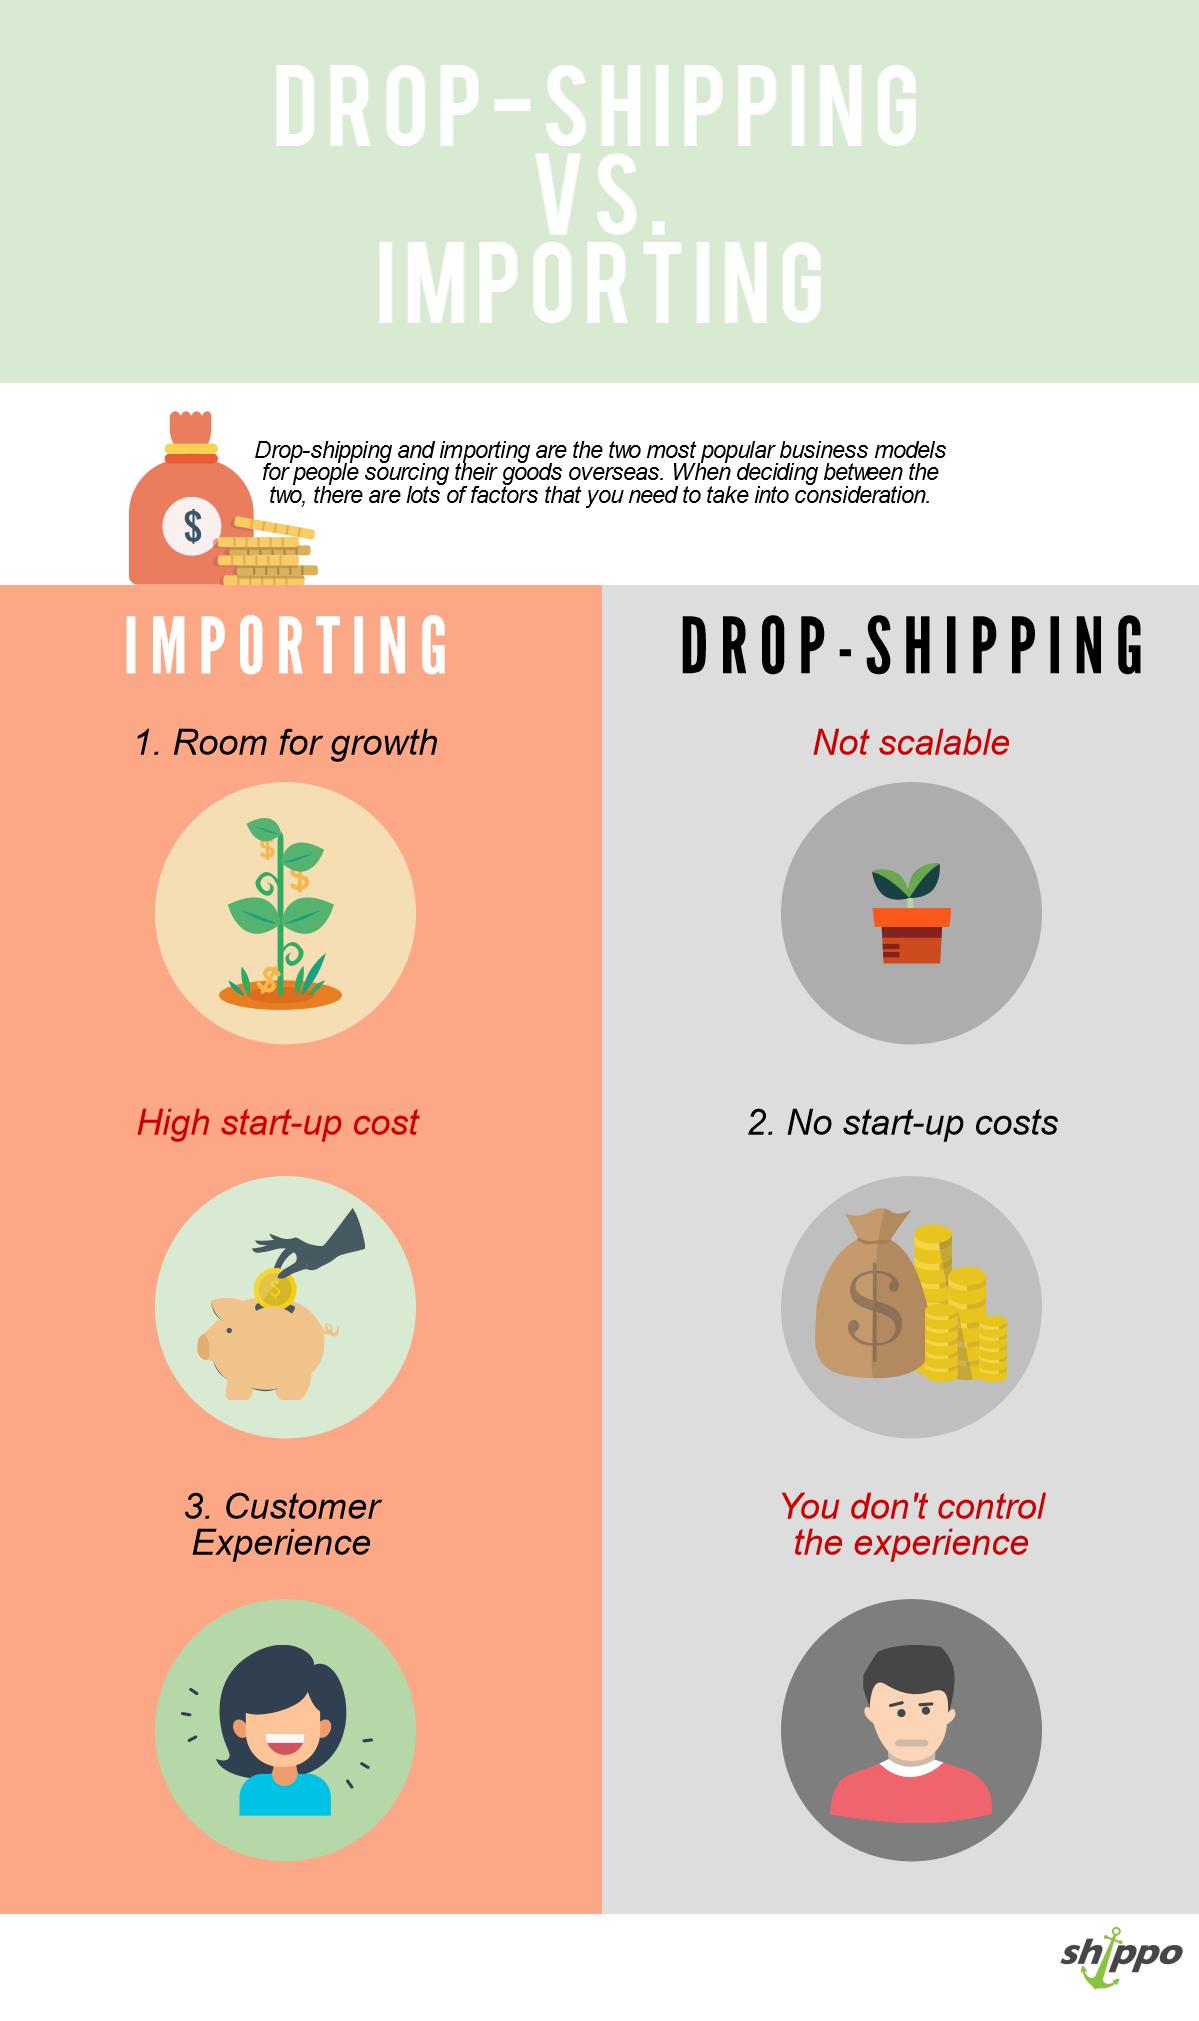 DropShipping Vs Importing Dropshipping, Drop shipping